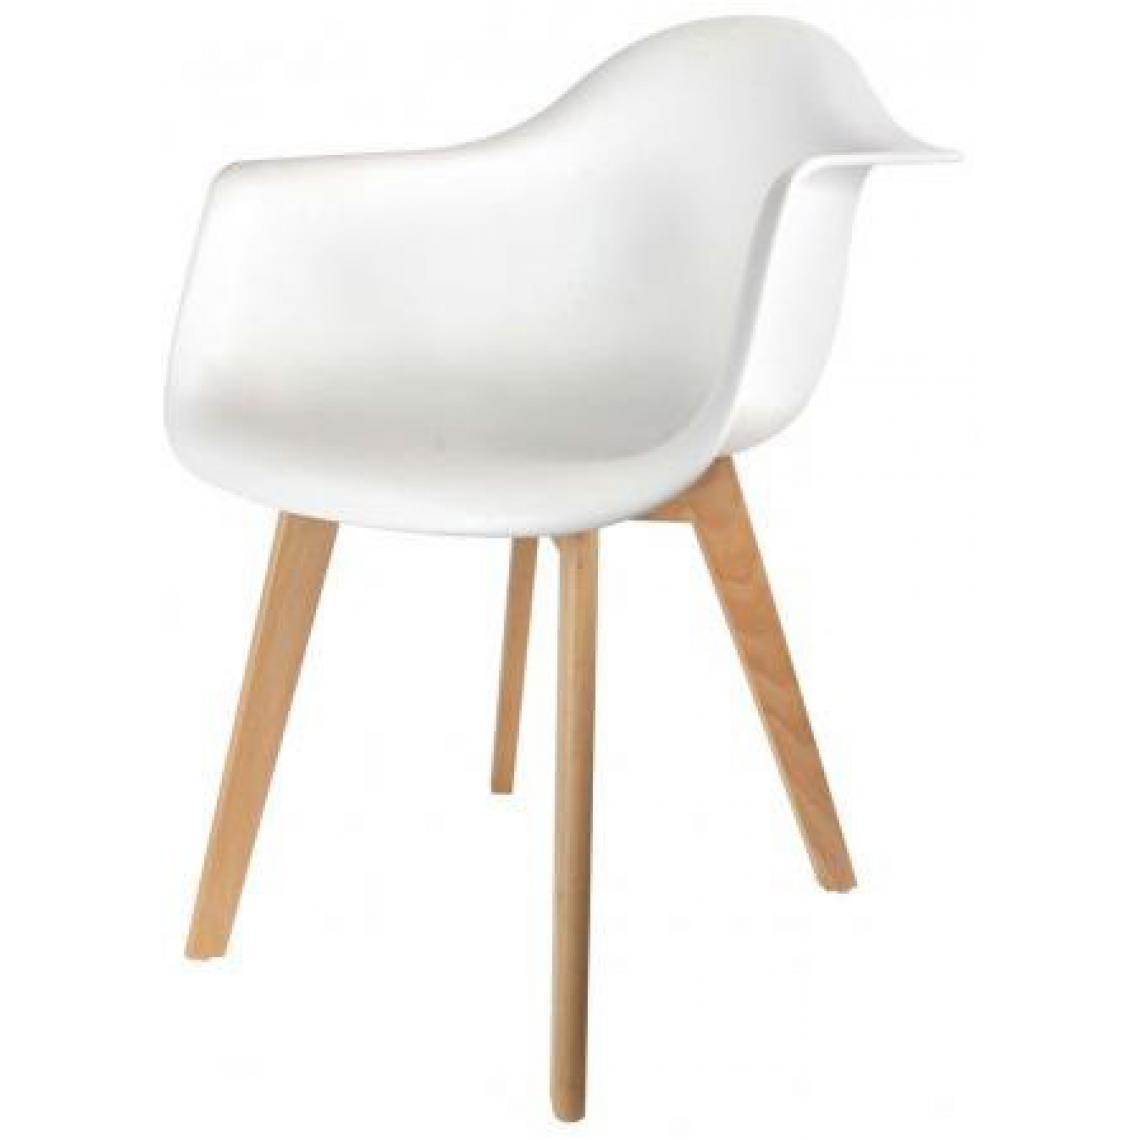 chaise scandinave avec accoudoir blanc fjord 3 suisses. Black Bedroom Furniture Sets. Home Design Ideas